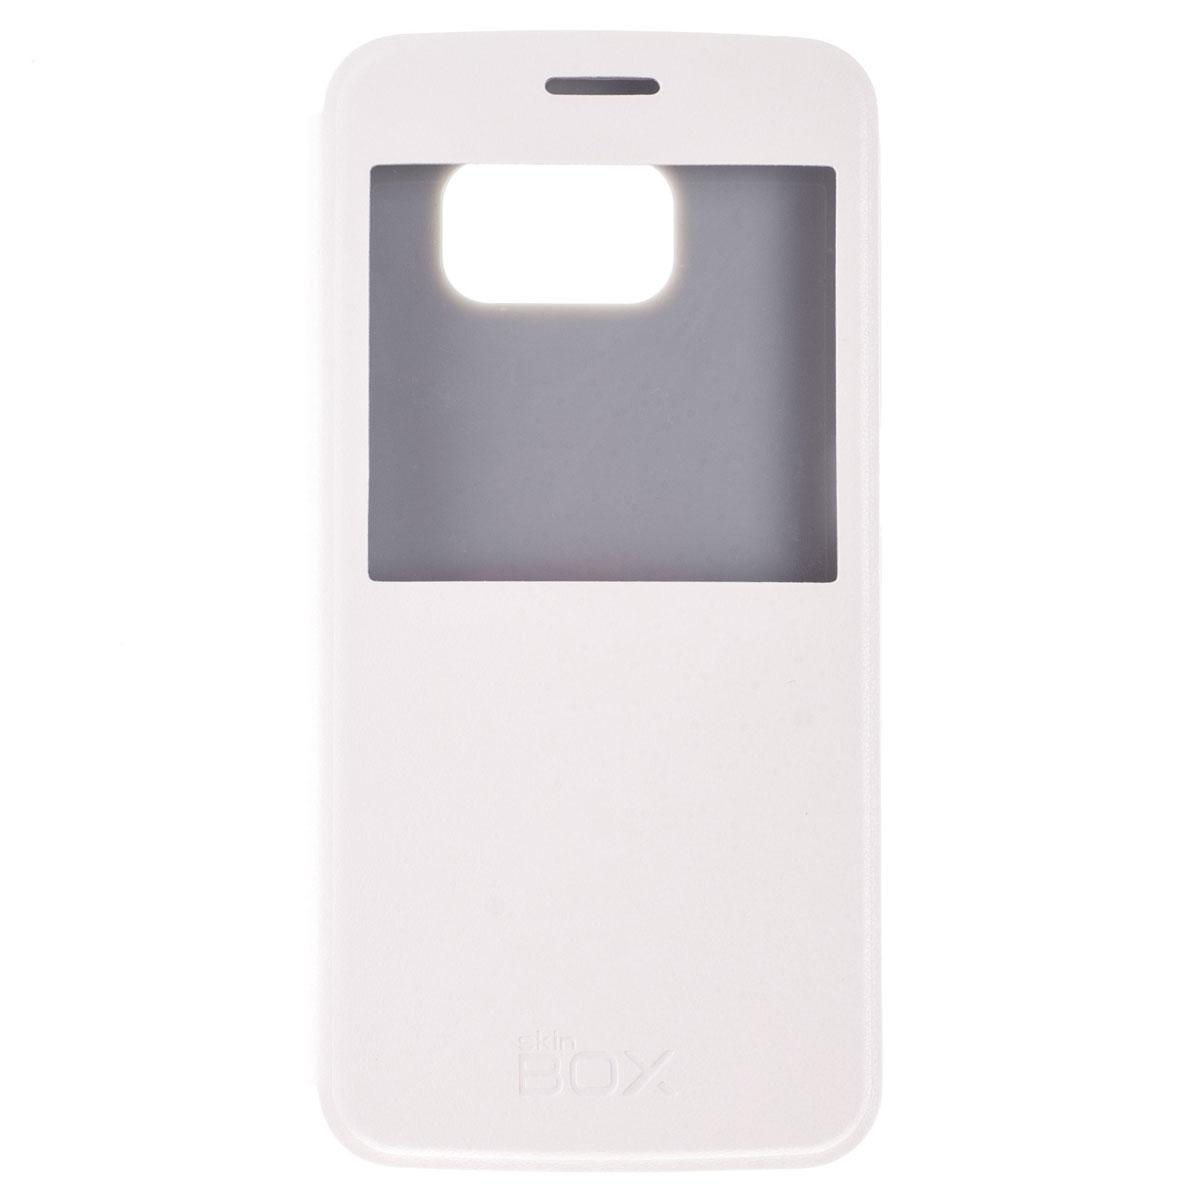 Skinbox Lux AW чехол для Samsung Galaxy S6, WhiteT-S-SGS6-004Чехол Skinbox Lux AW выполнен из высококачественного поликарбоната и экокожи. Он обеспечивает надежную защиту корпуса и экрана смартфона и надолго сохраняет его привлекательный внешний вид. Чехол также обеспечивает свободный доступ ко всем разъемам и клавишам устройства.